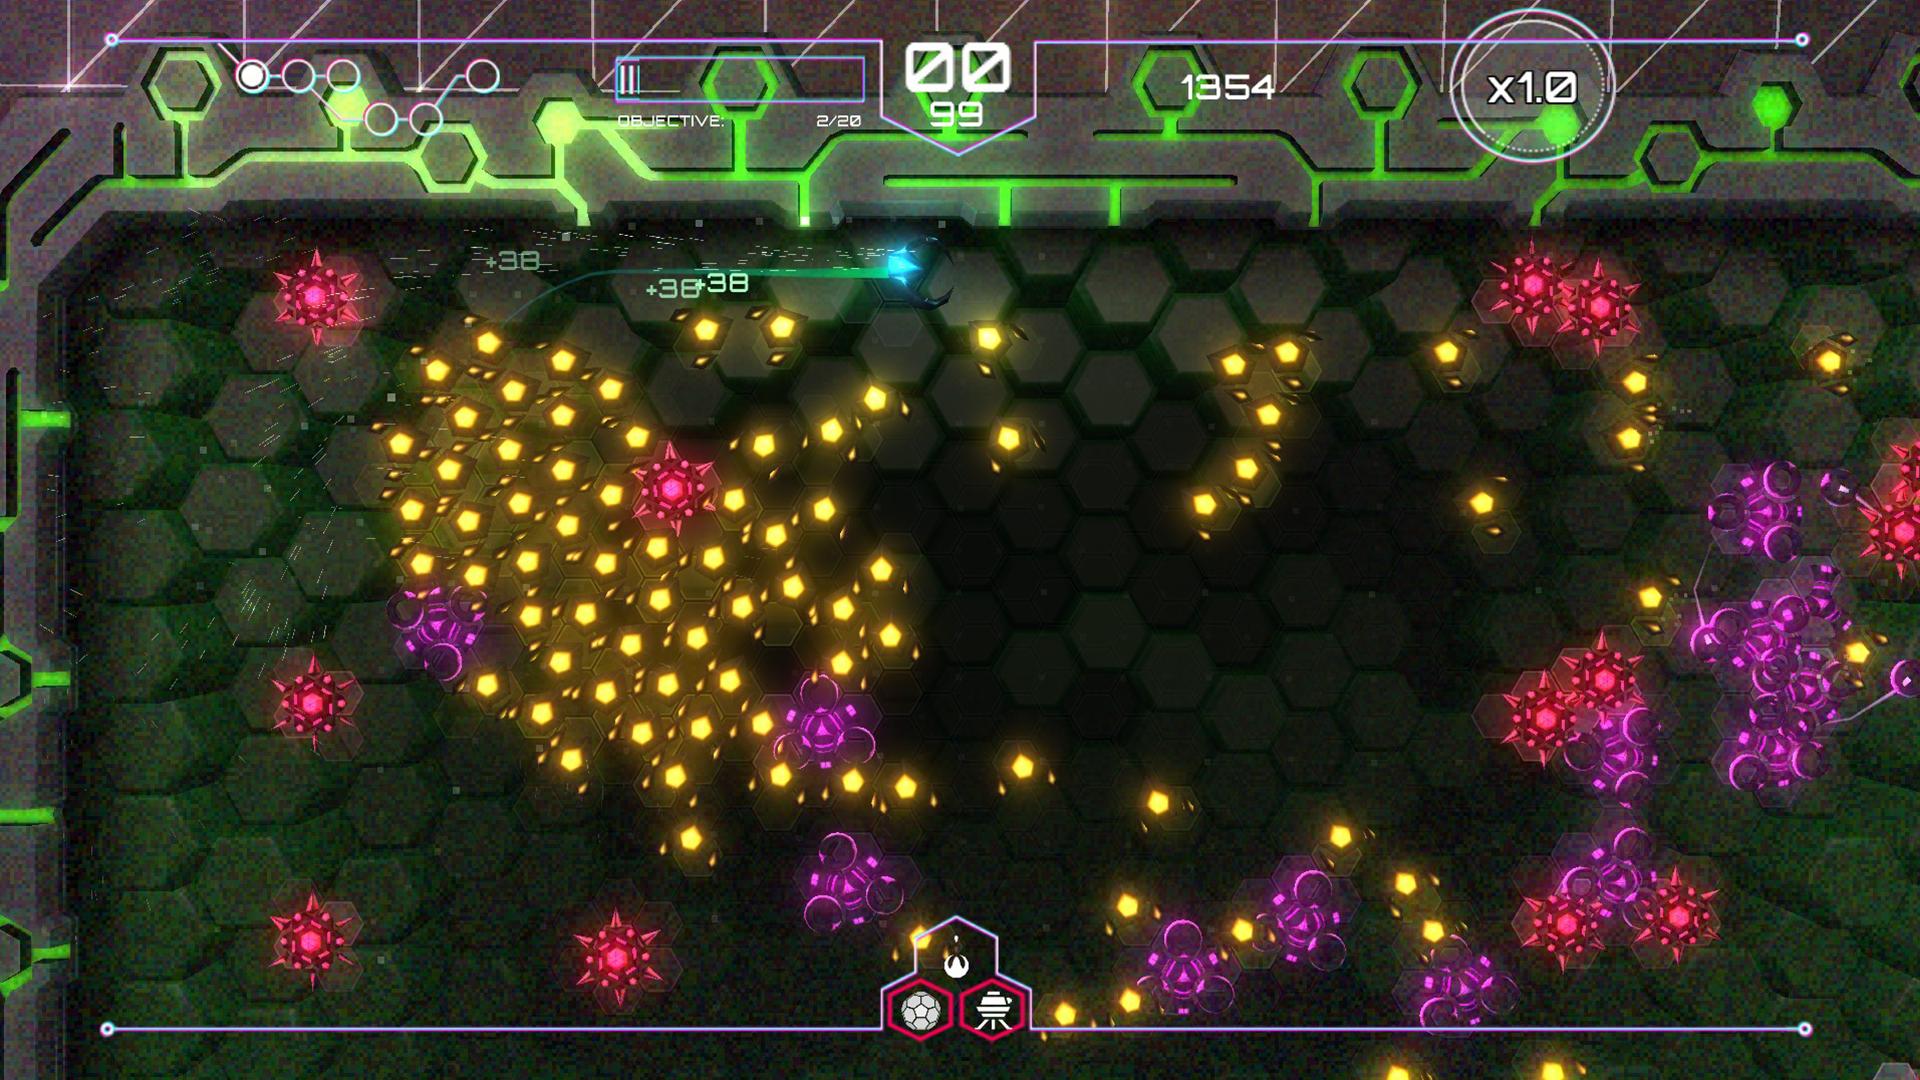 『Tachyon Project』ゲーム画面